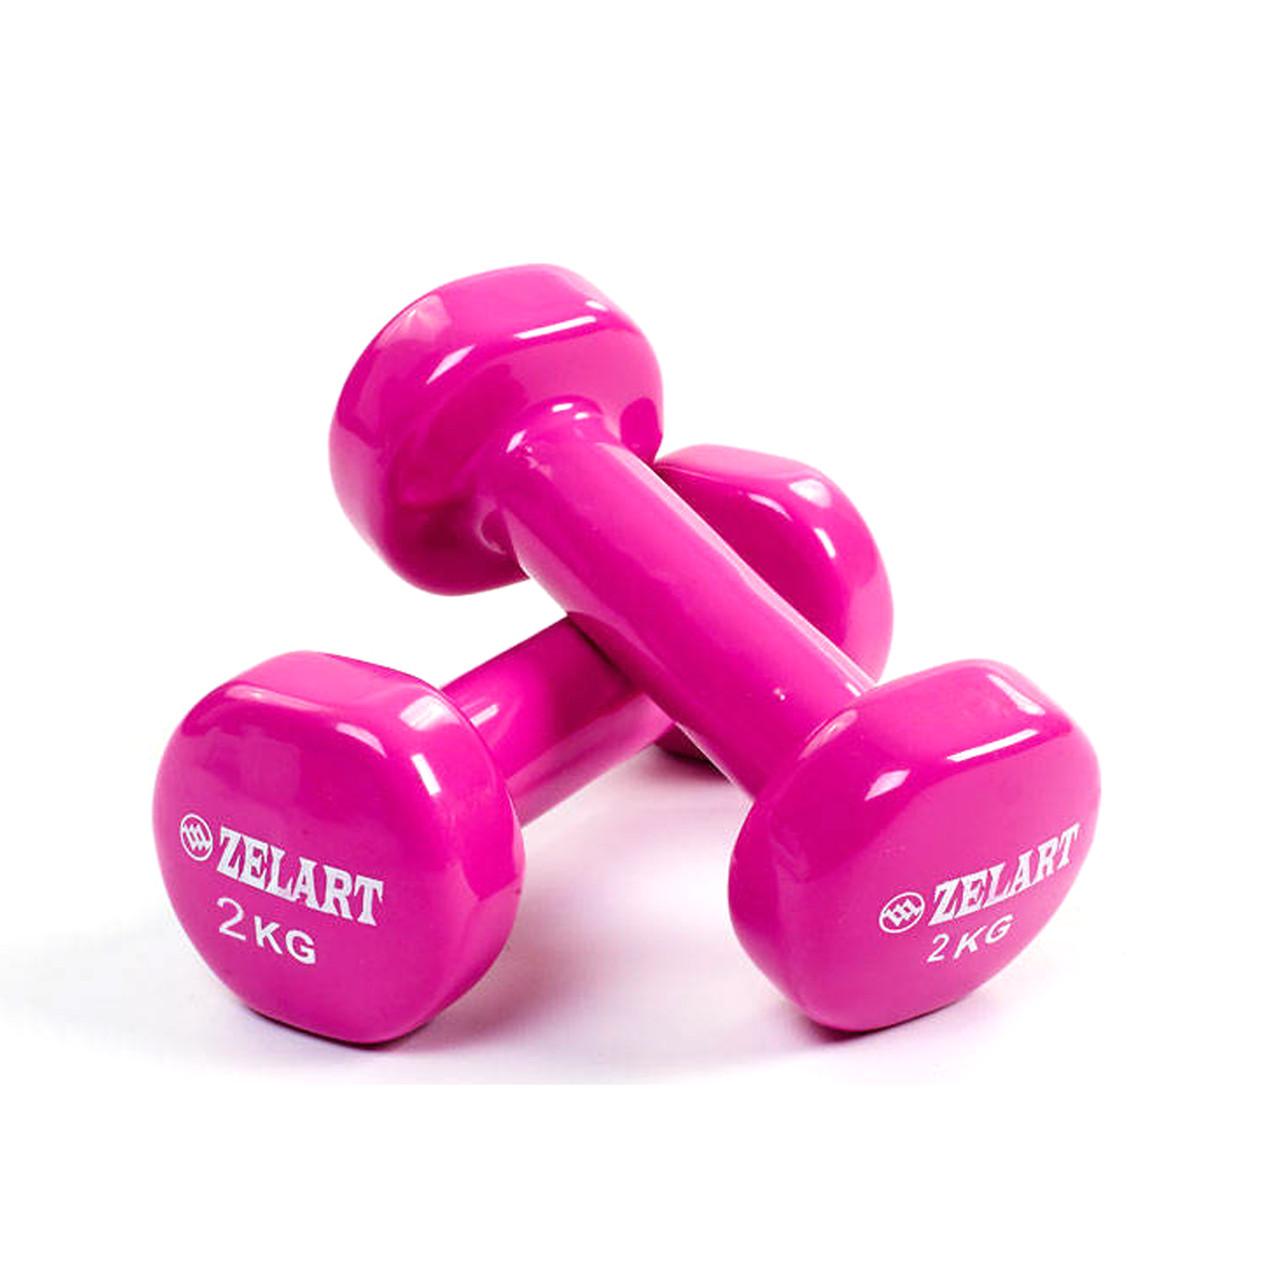 Гантели для фитнеса с виниловым покрытием 2 кг